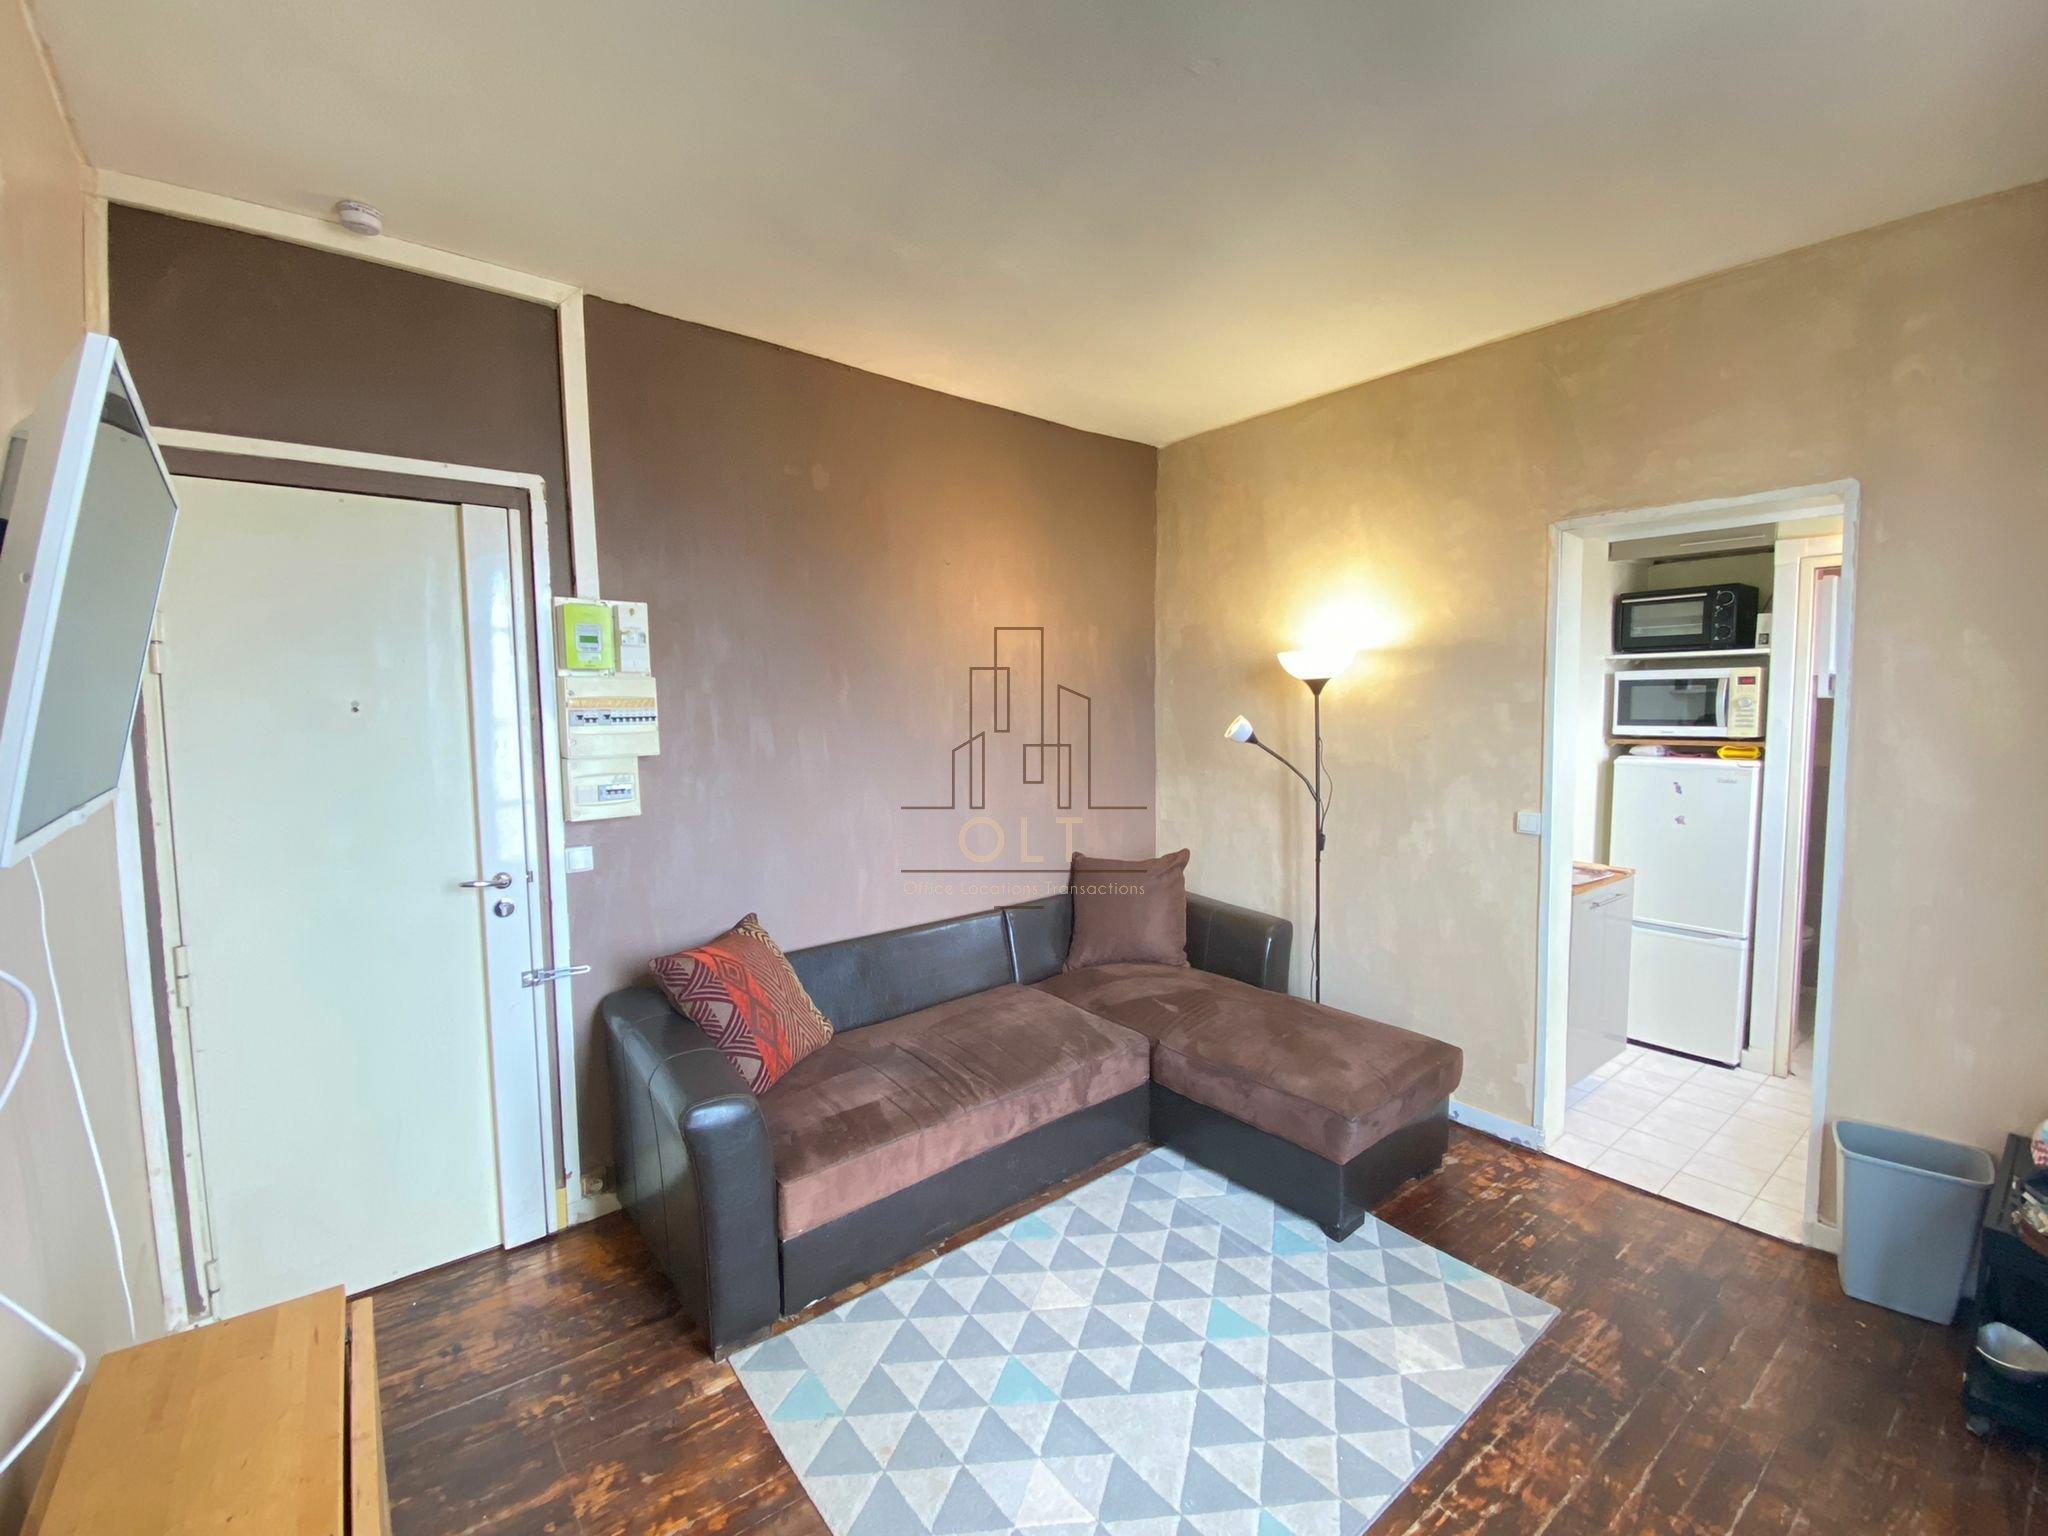 Appartement a louer nanterre - 2 pièce(s) - 28.09 m2 - Surfyn